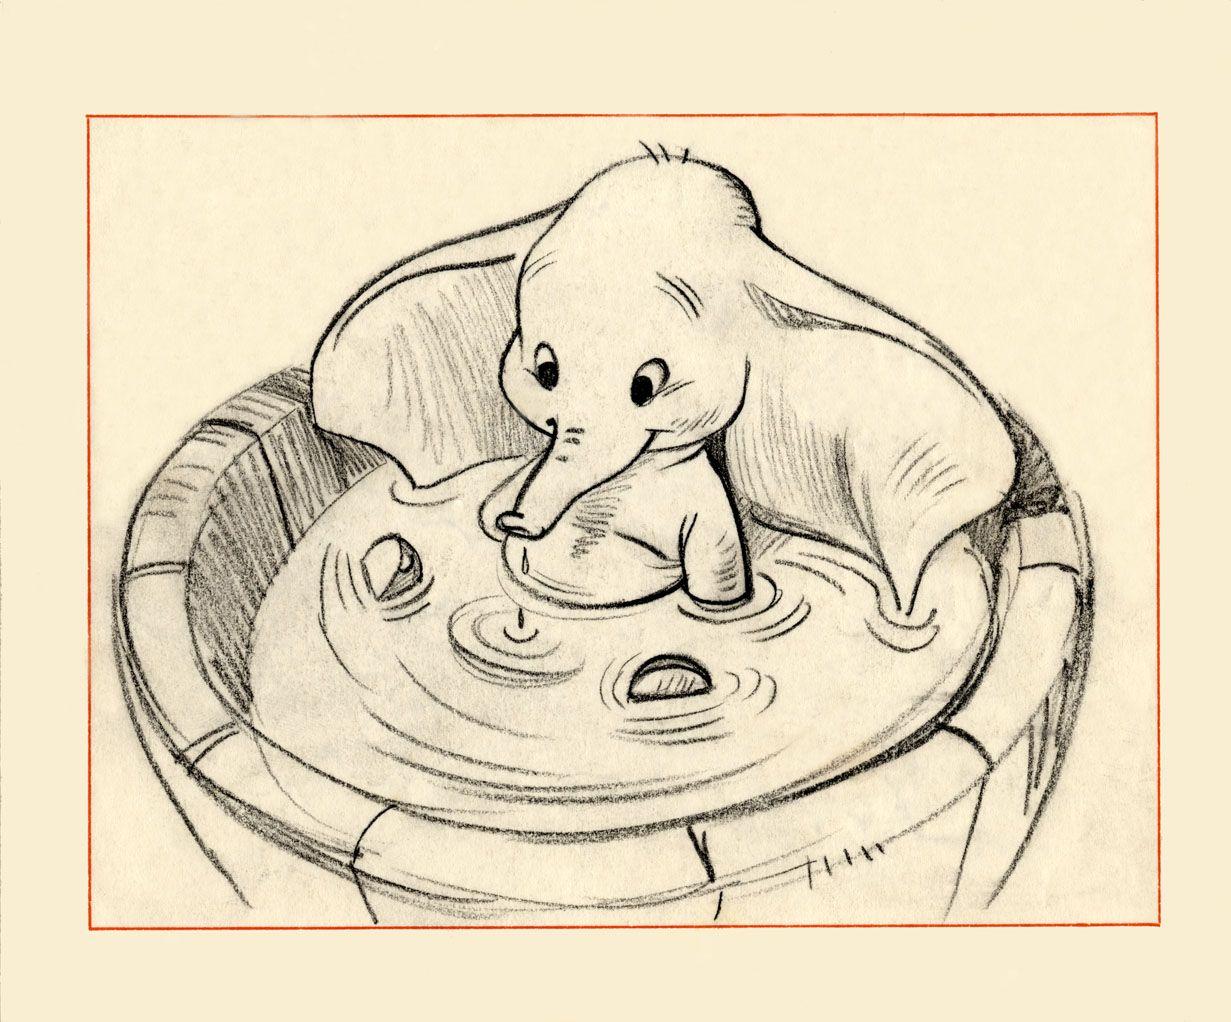 Bill Peet S Dumbo Avec Images Dessin Dumbo Dessins Disney